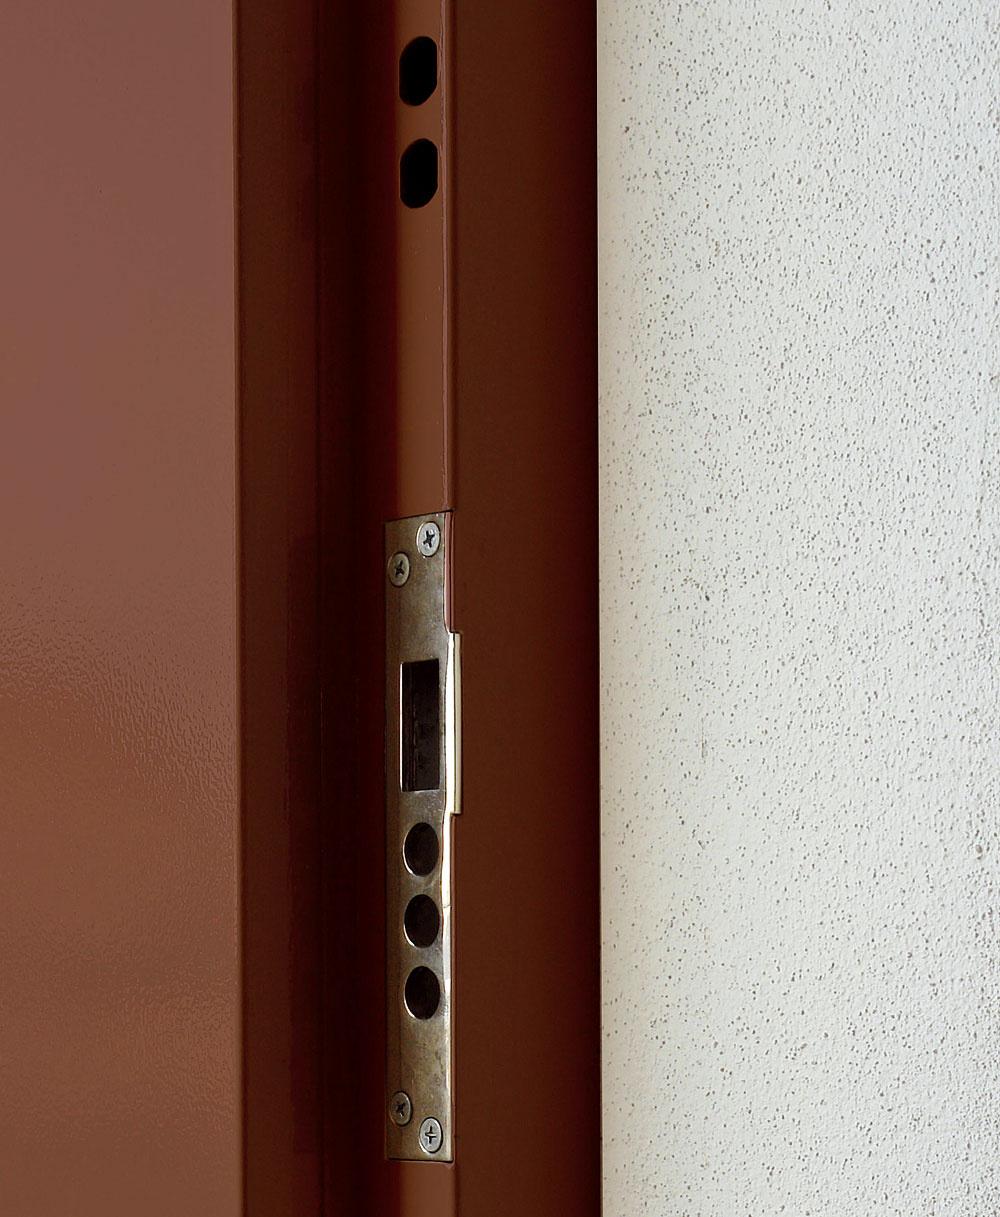 Súčasťou systému bezpečnostných vstupných dverí je zárubňa. Aby odolala tlaku, musí byť pevná azosilnená vmiestach uzamykania.